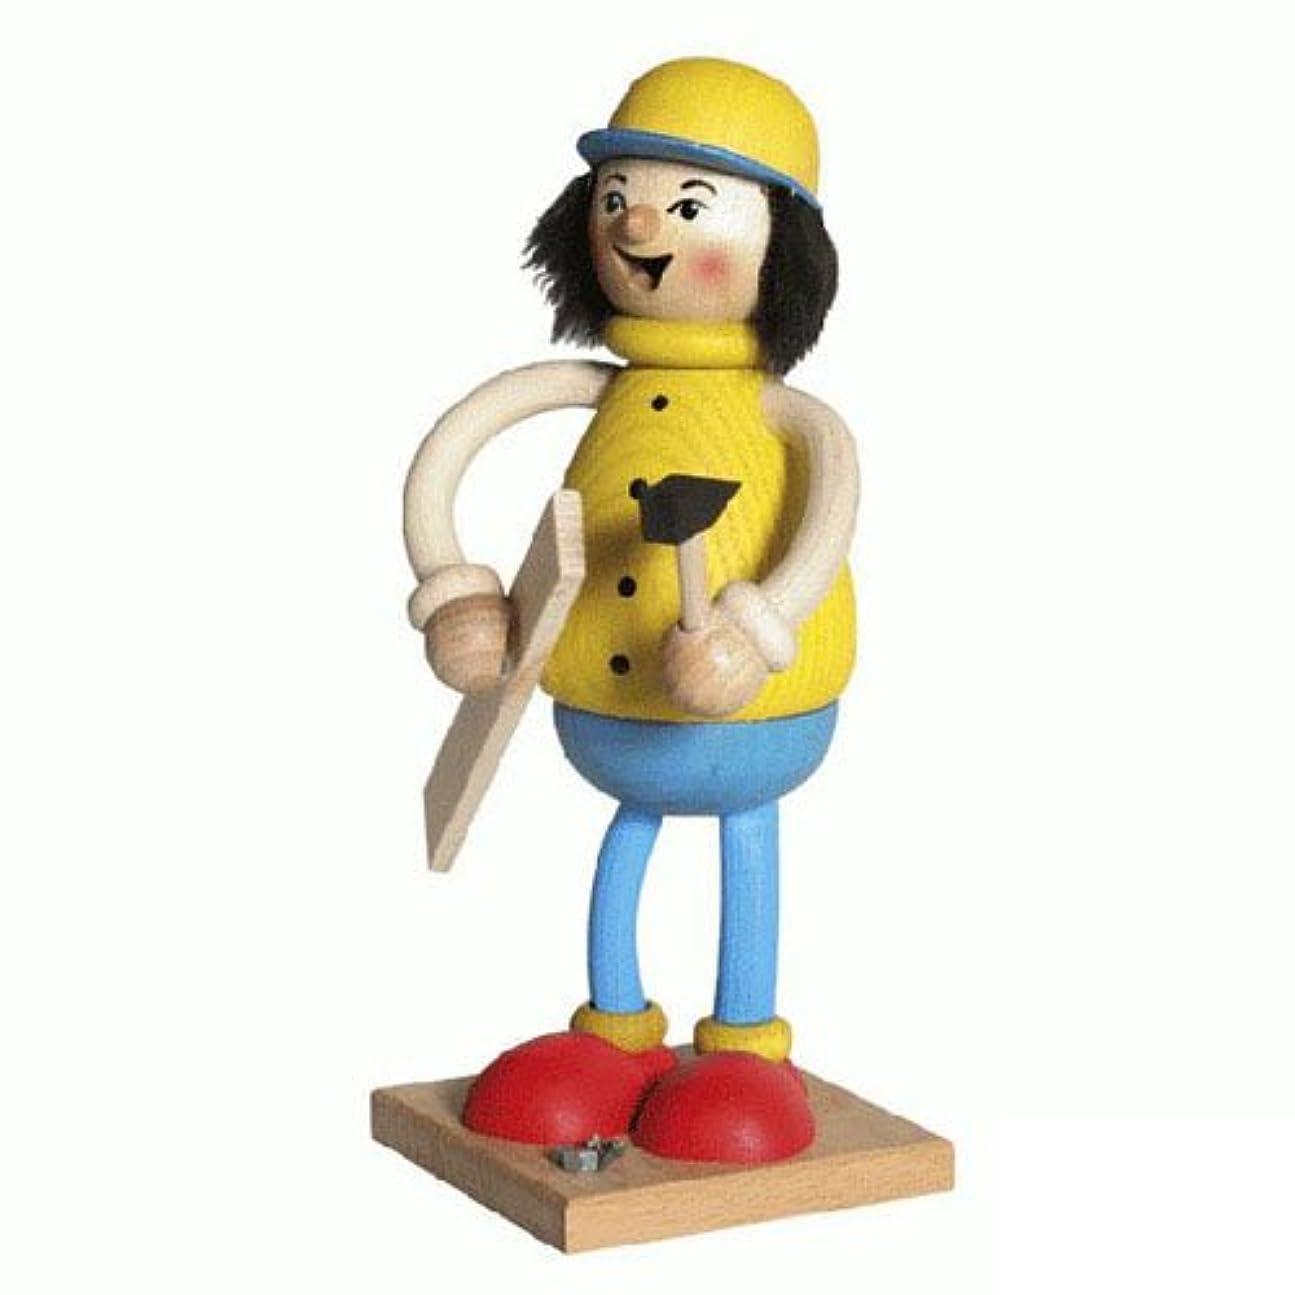 ドル抗生物質ギネス39096 Kuhnert(クーネルト) ミニパイプ人形香炉 DIY